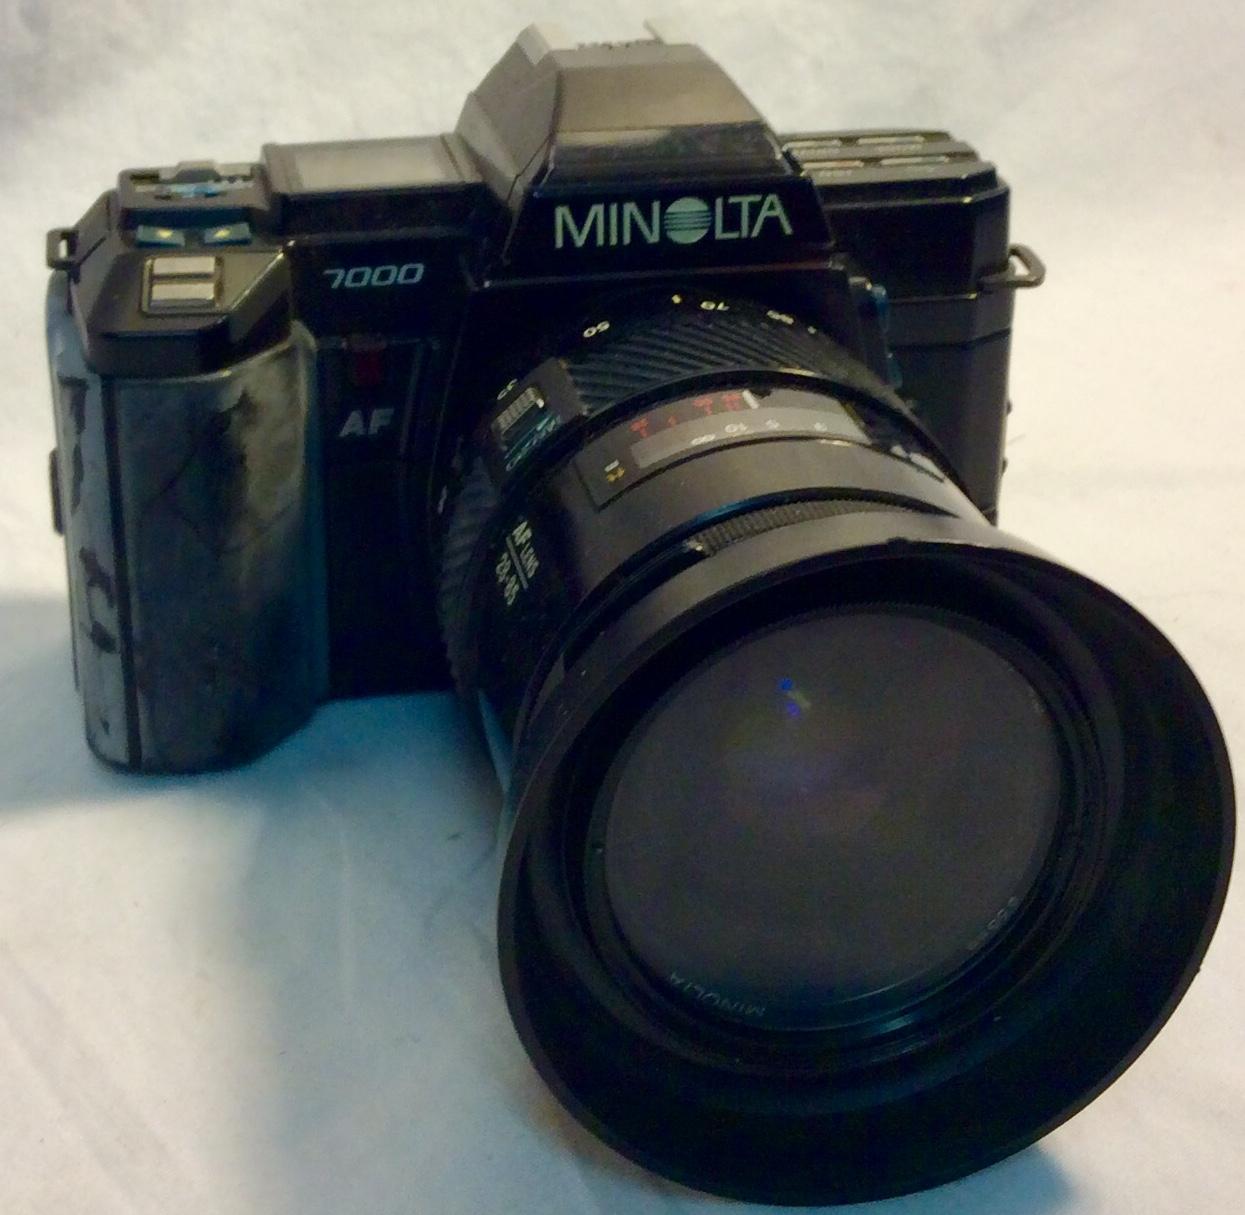 Minolta Maxxum 7000 Camera with attached auto focus zoom lens